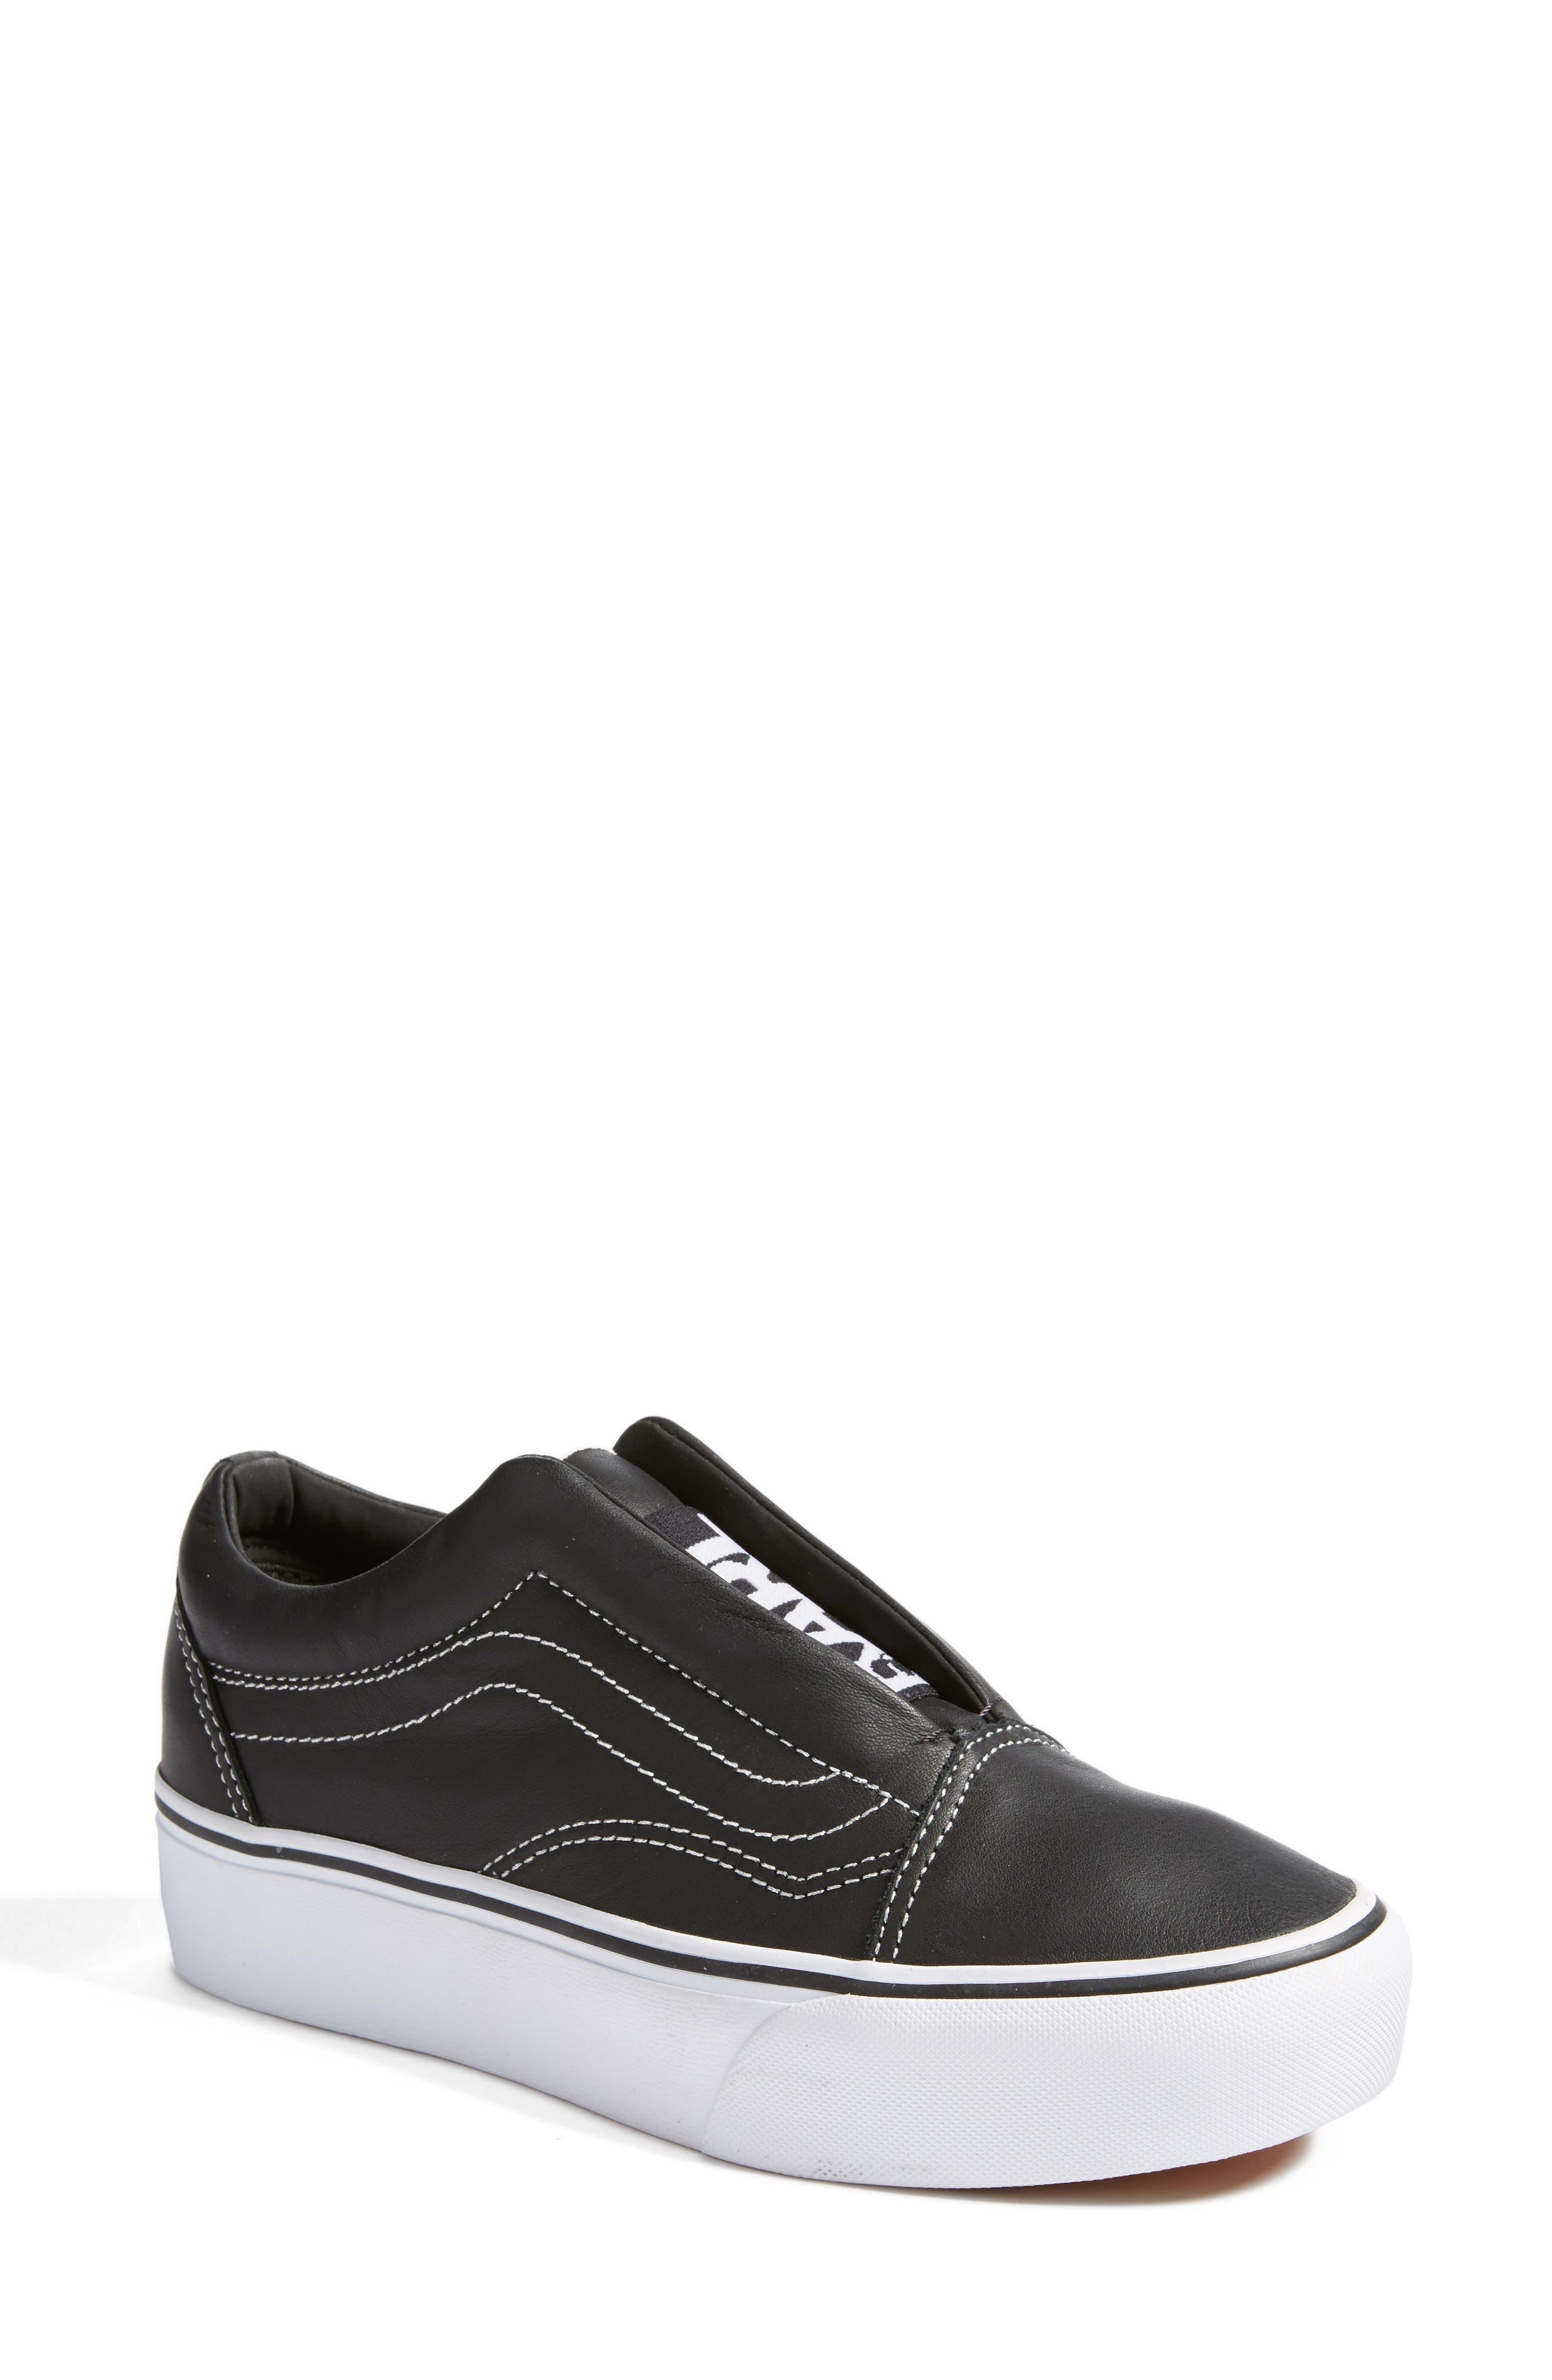 VANS x KARL LAGERFELD Old Skool Leather Platform Sneaker, Main, color, 001